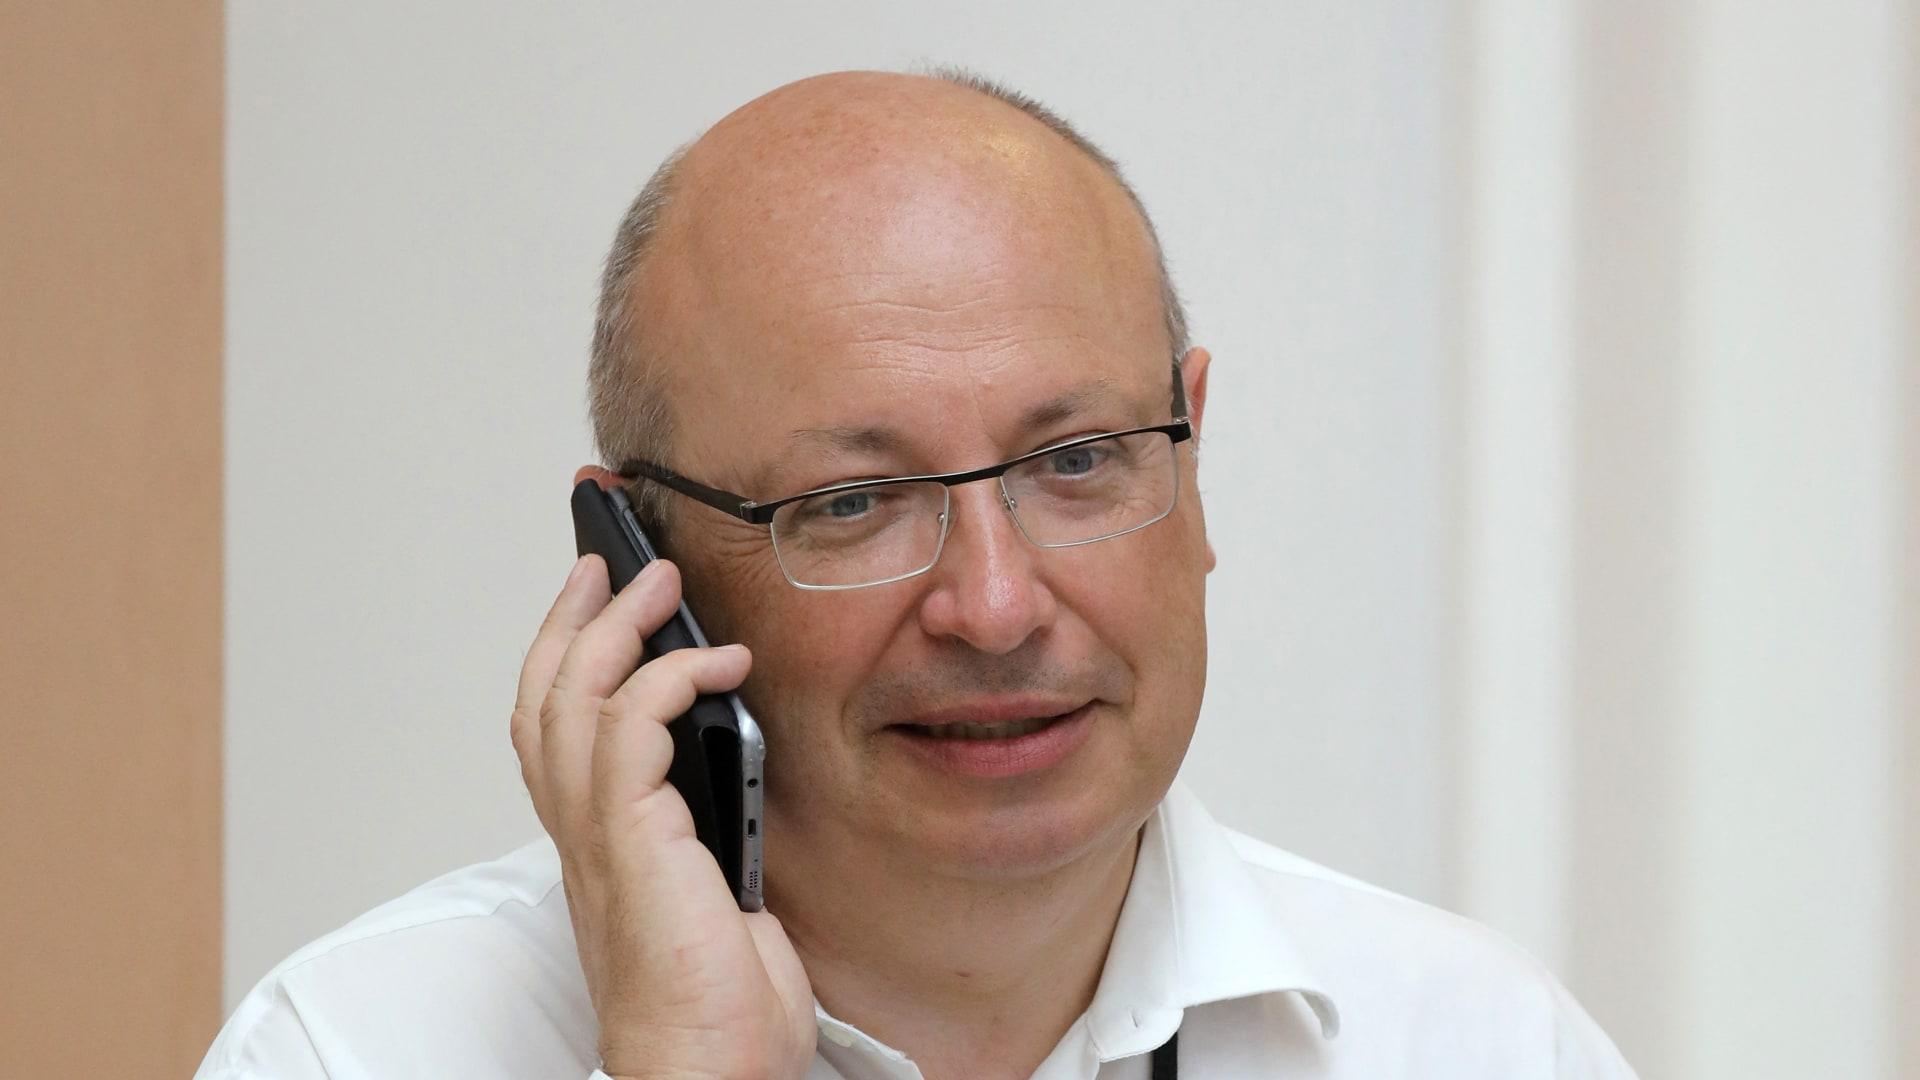 سفير فرنسا لدى أستراليا: حزين جدا لإجباري على المغادرة.. والشراكة عوملت بطريقة سيئة